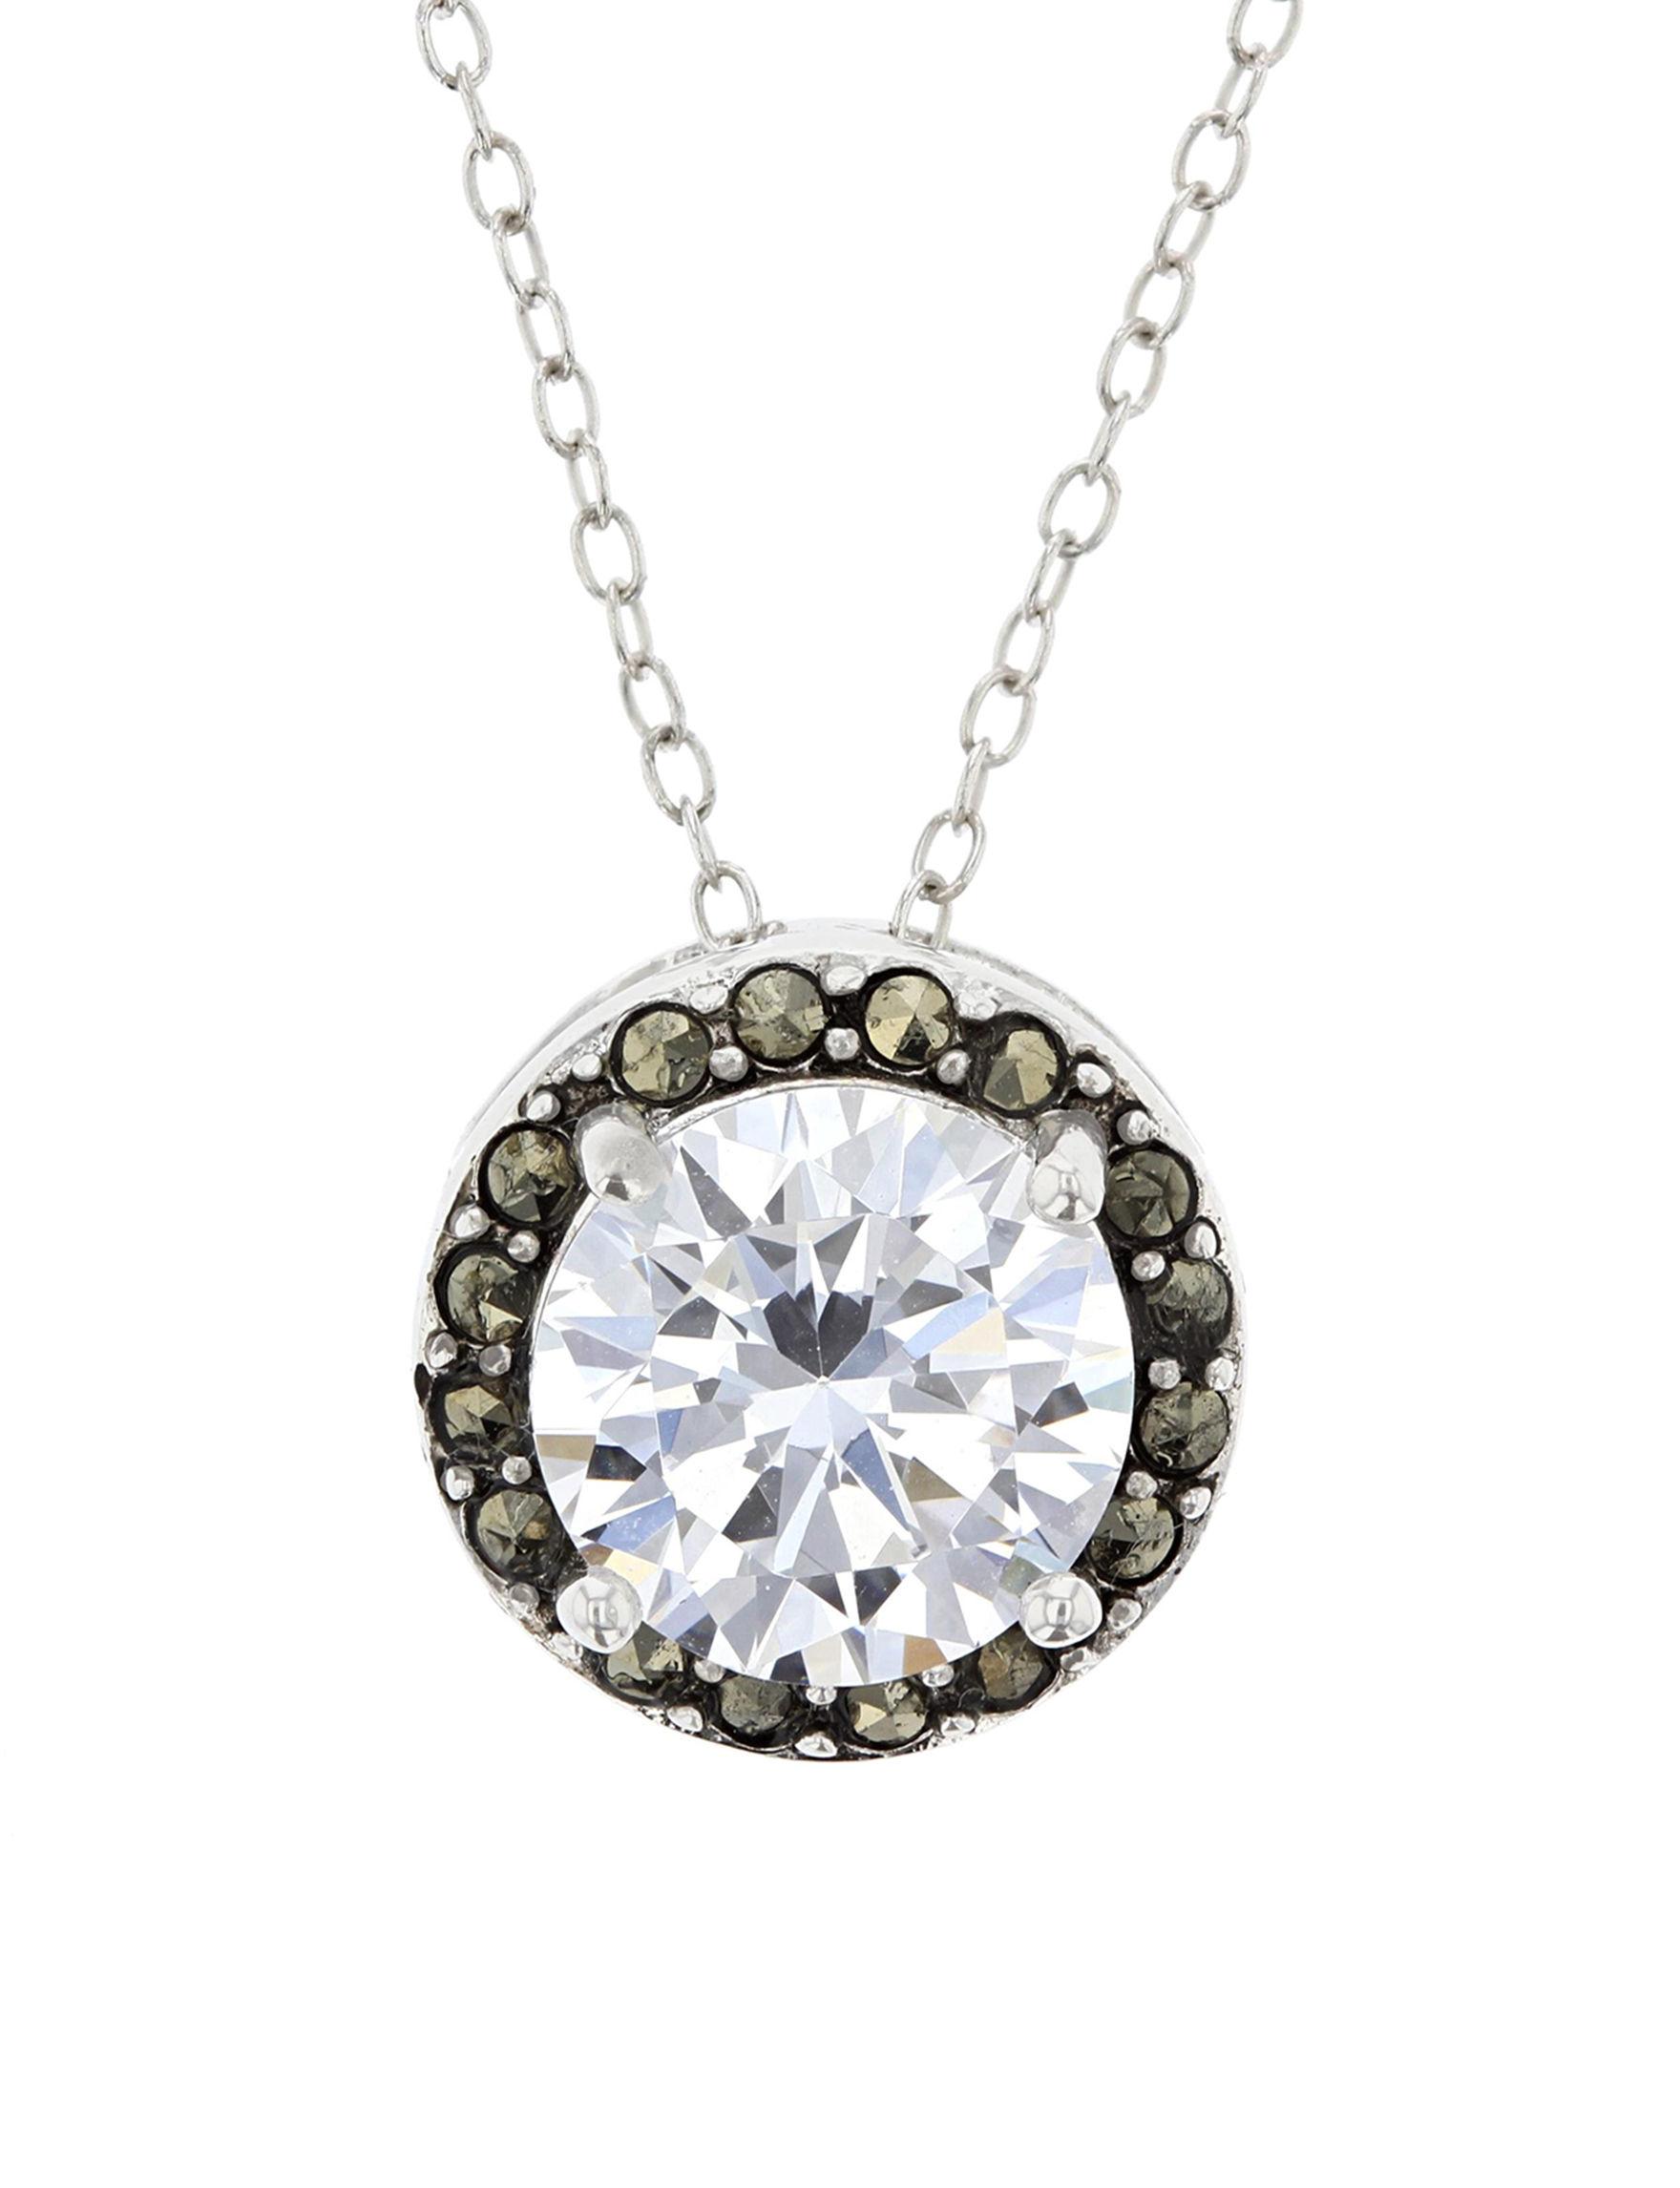 Sunstone White / Silver Necklaces & Pendants Fine Jewelry